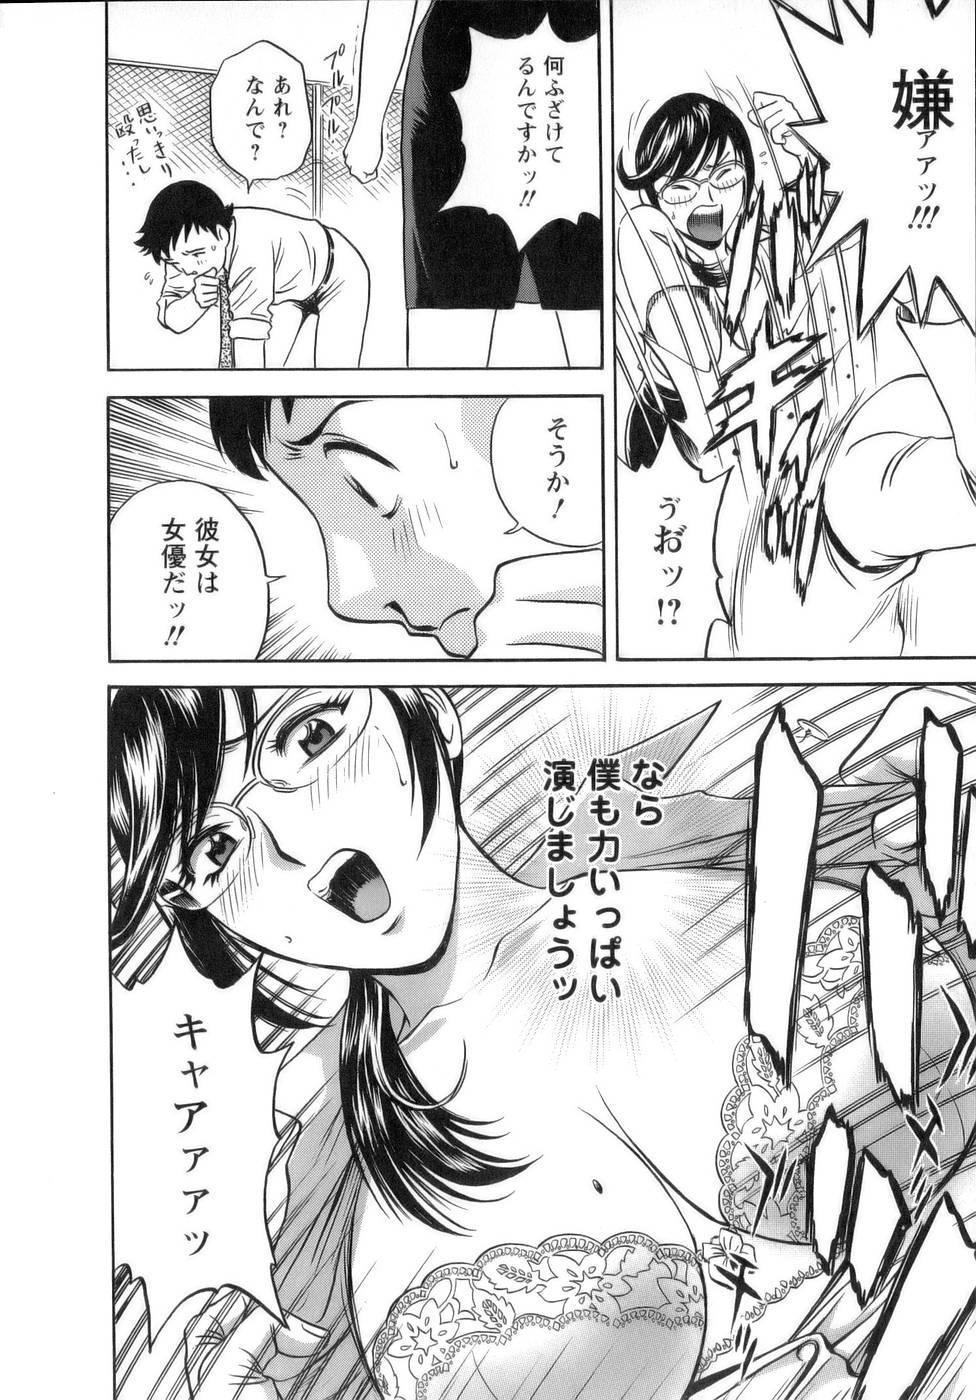 [Hidemaru] Mo-Retsu! Boin Sensei (Boing Boing Teacher) Vol.1 22